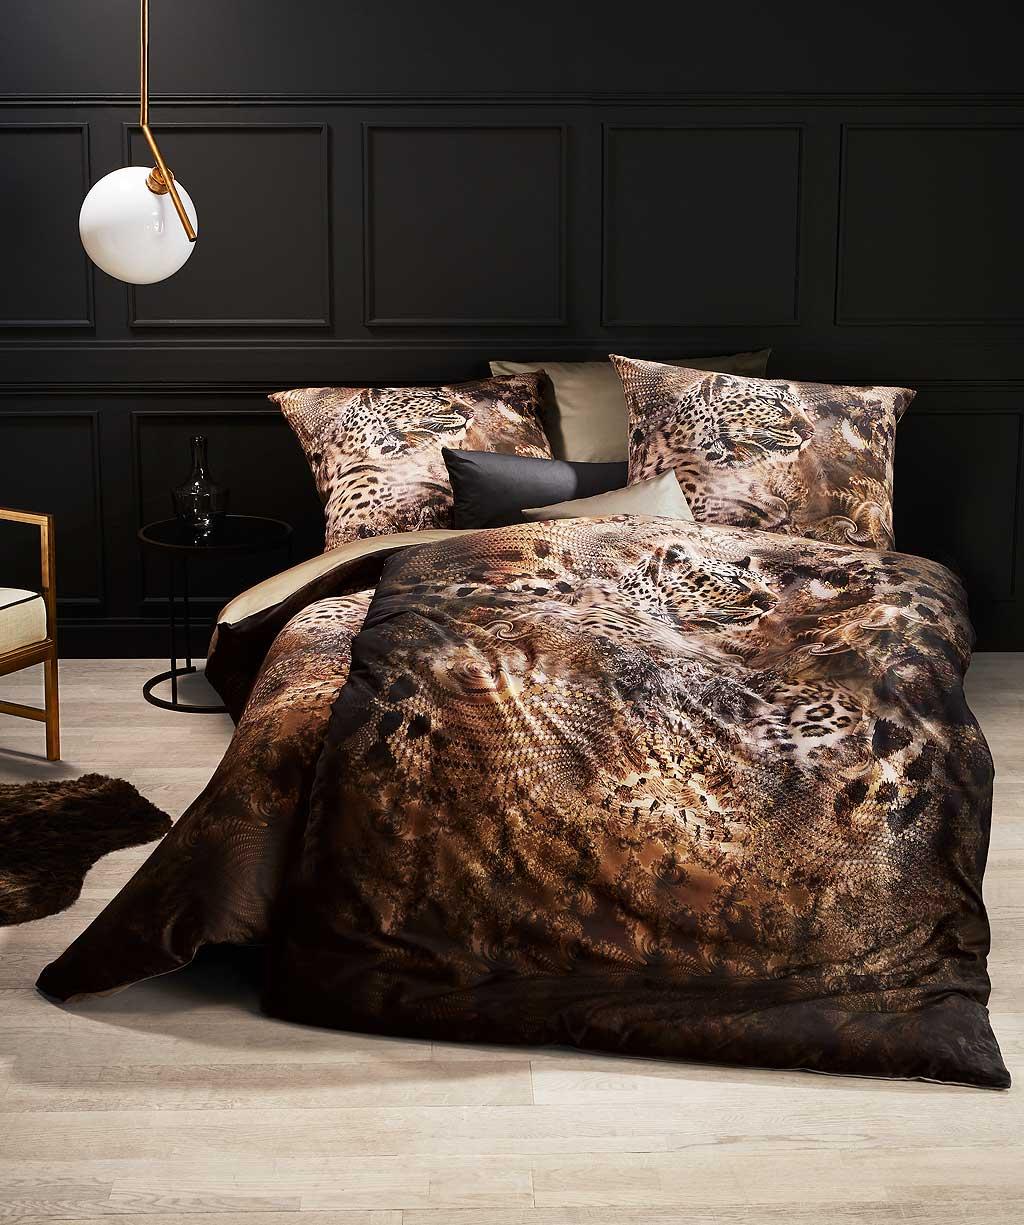 Exotische Winter Bettwäsche aus weichem Fein-Biber mit Tiger Print